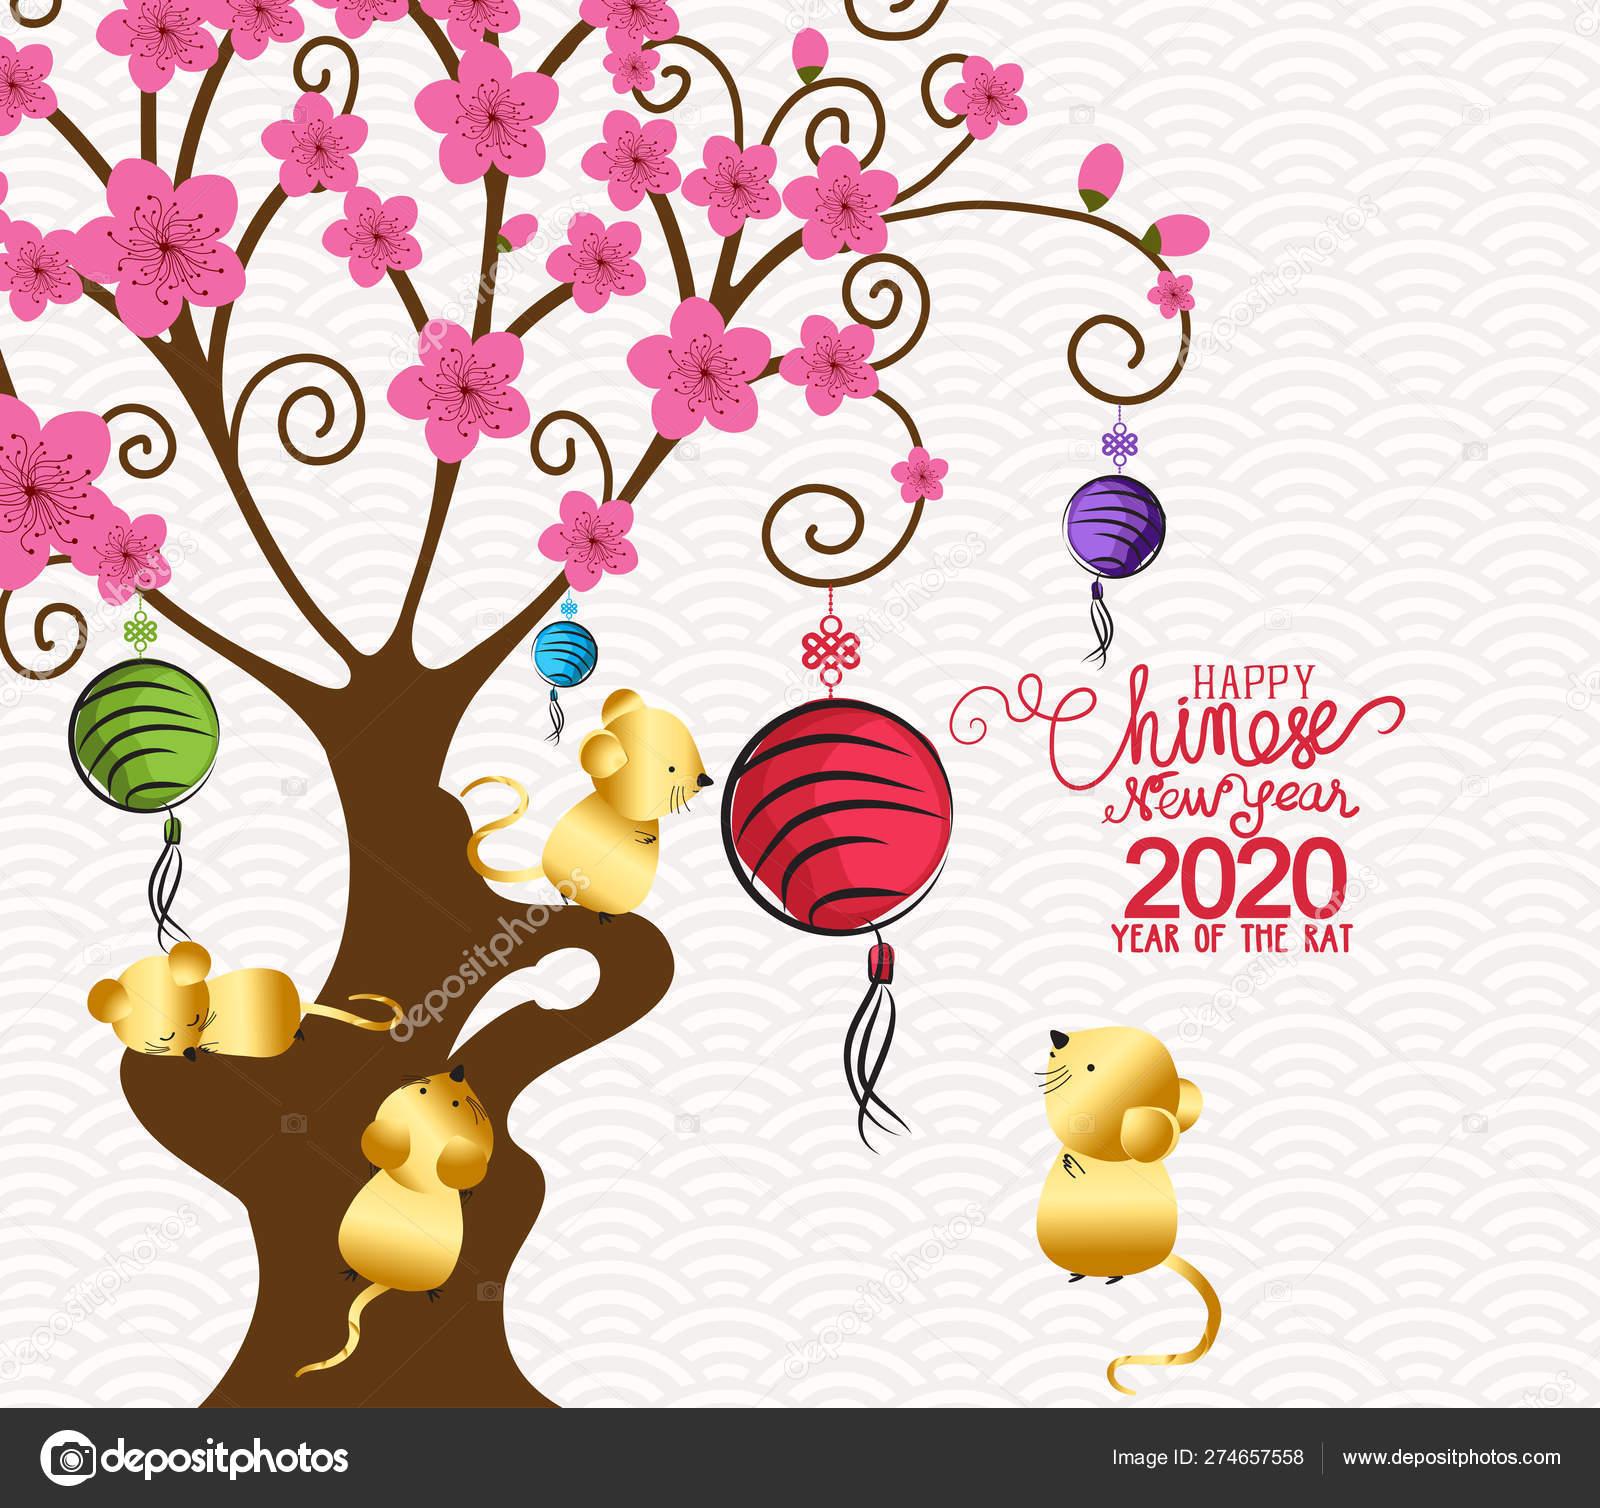 chinese new year 2020 - photo #40